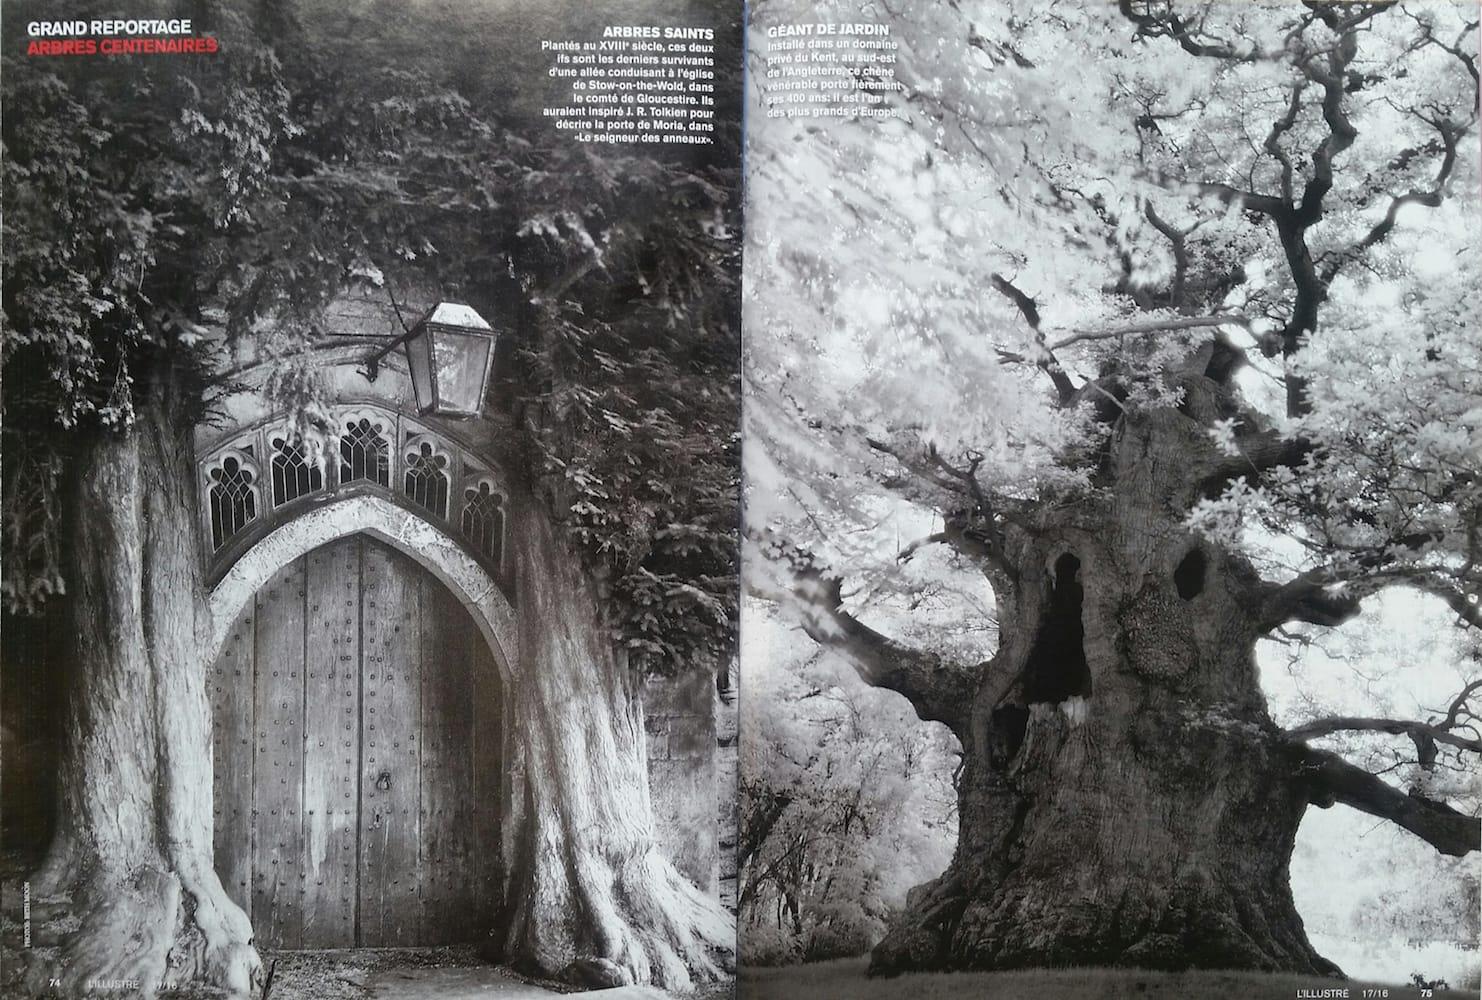 L'illustré | 2016 p 74-75